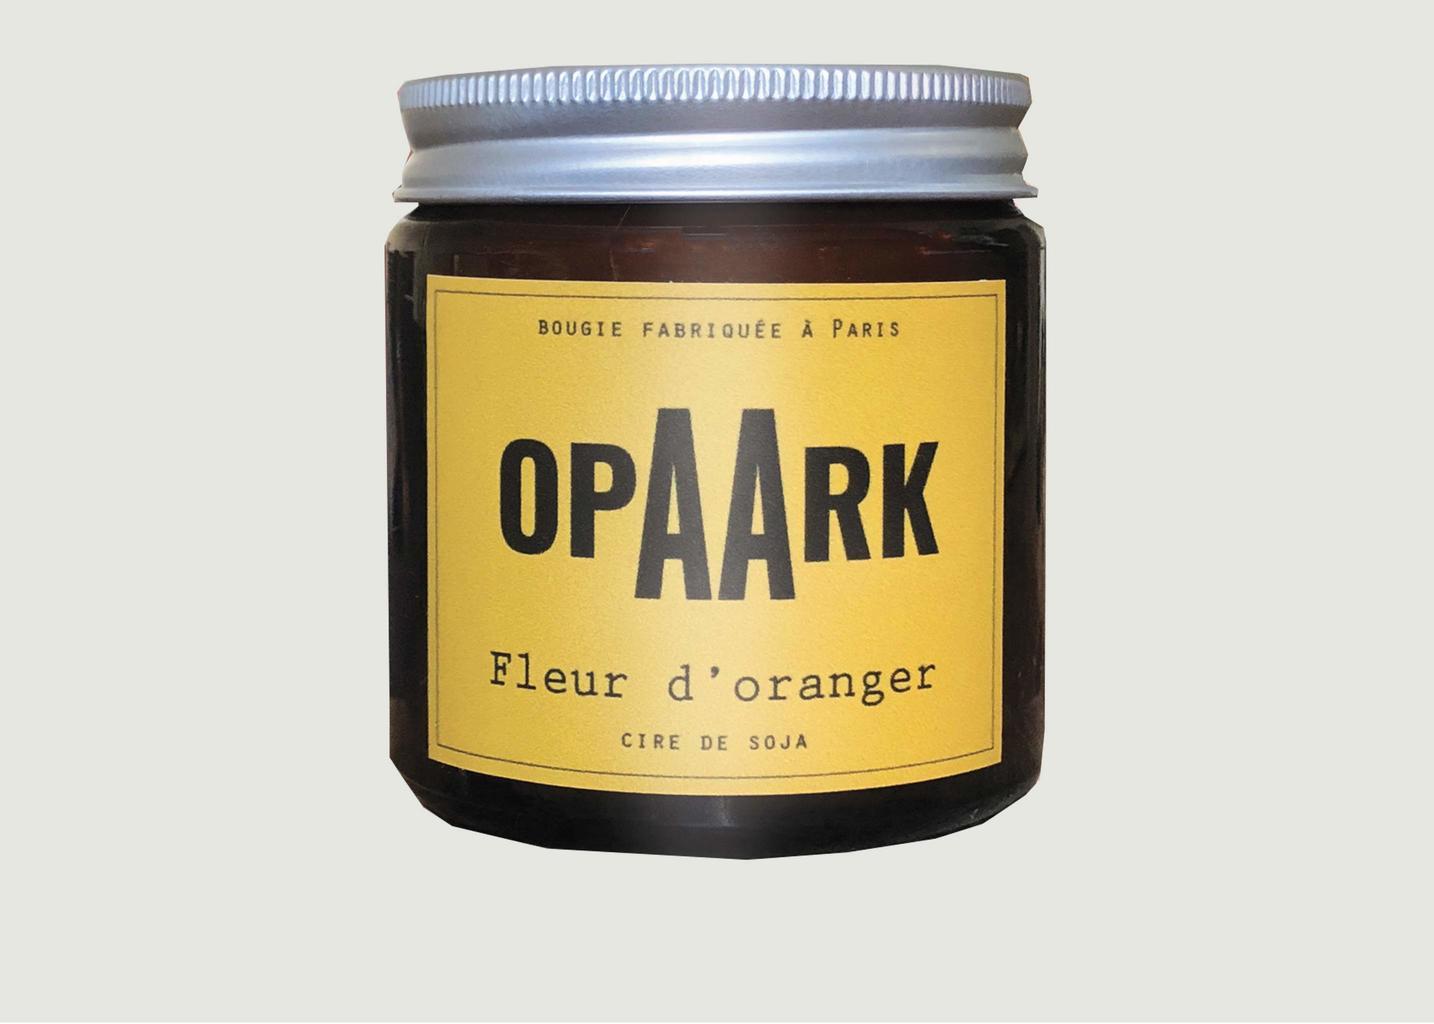 Bougie Fleur d'Oranger 200 gr - OPAARK